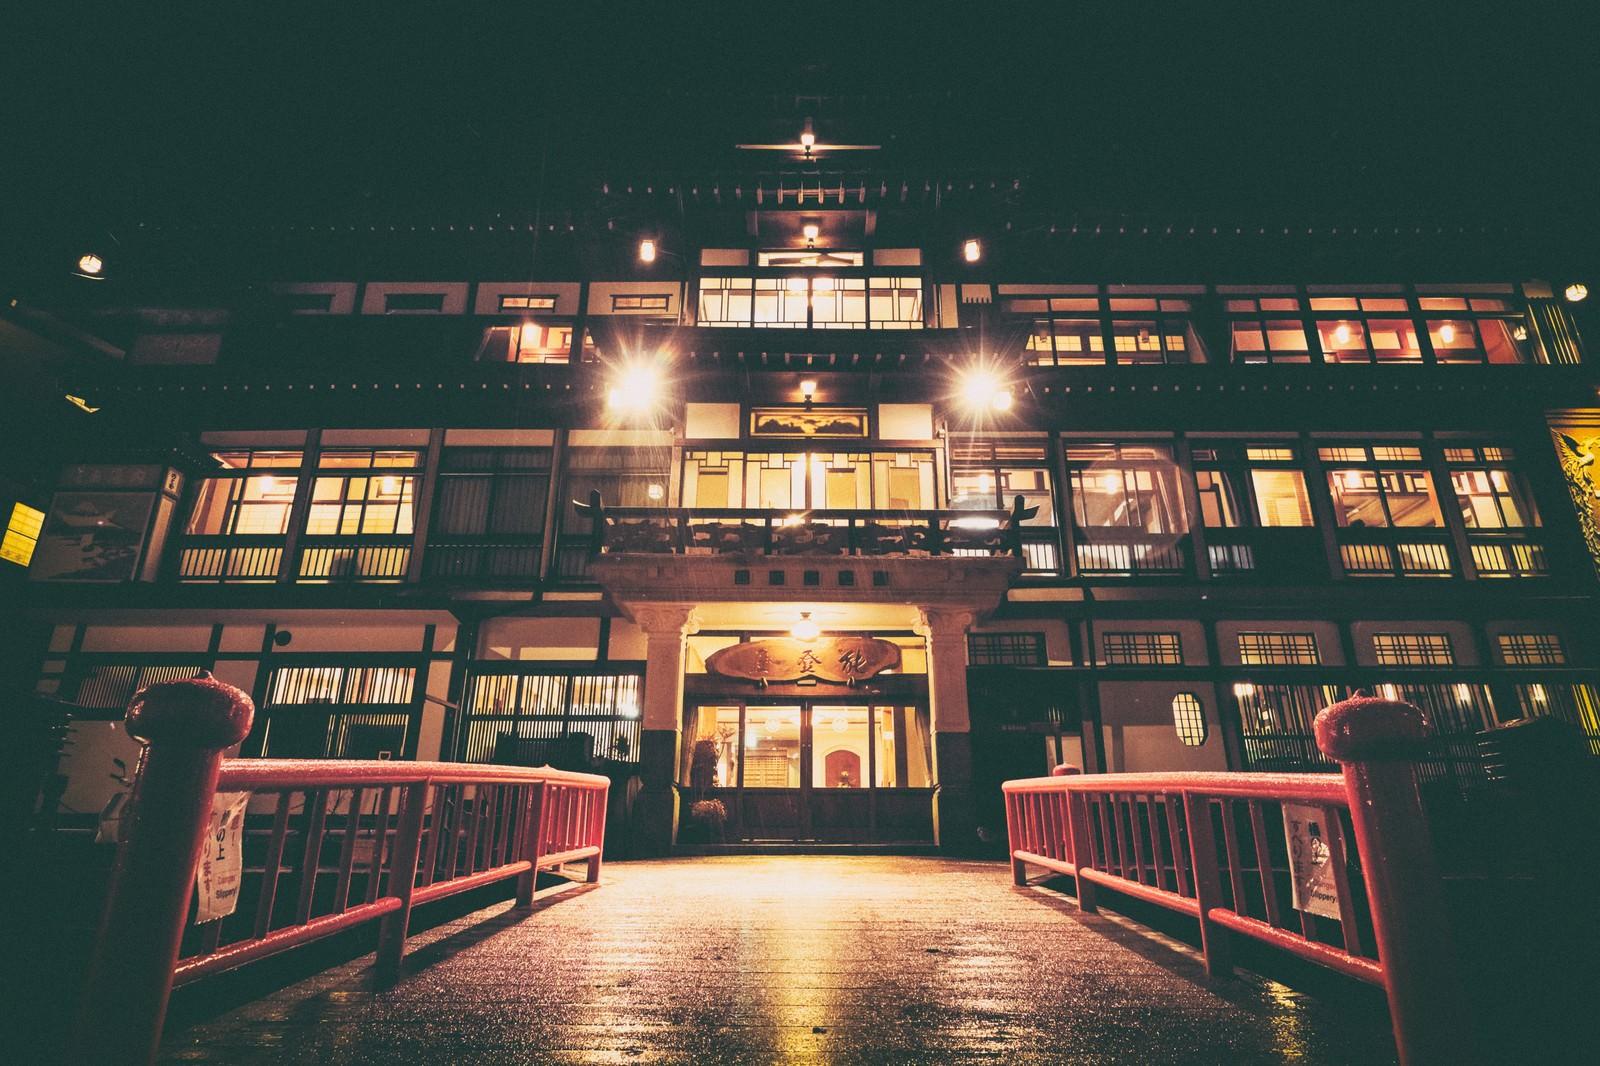 「大正ロマン感じる銀山温泉の旅館」の写真